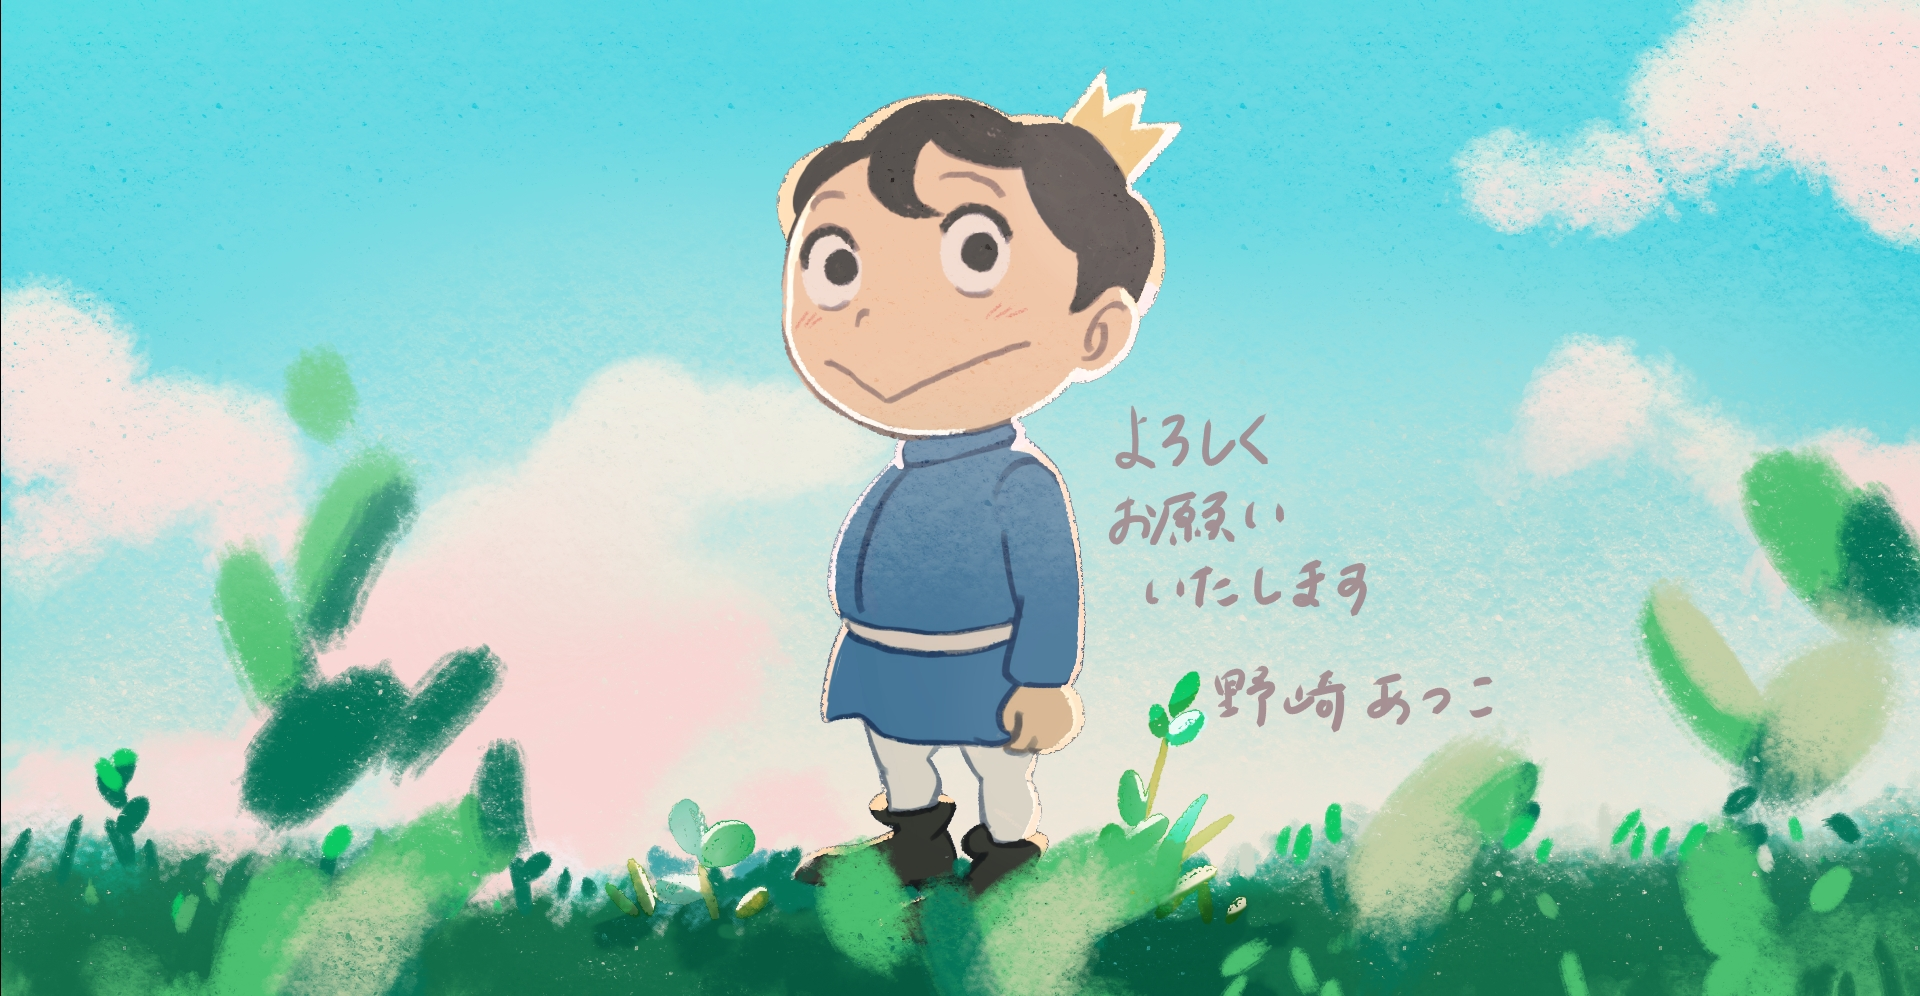 TVアニメ「王様ランキング」キャラクターデザイン・総作画監督 野崎あつこさん